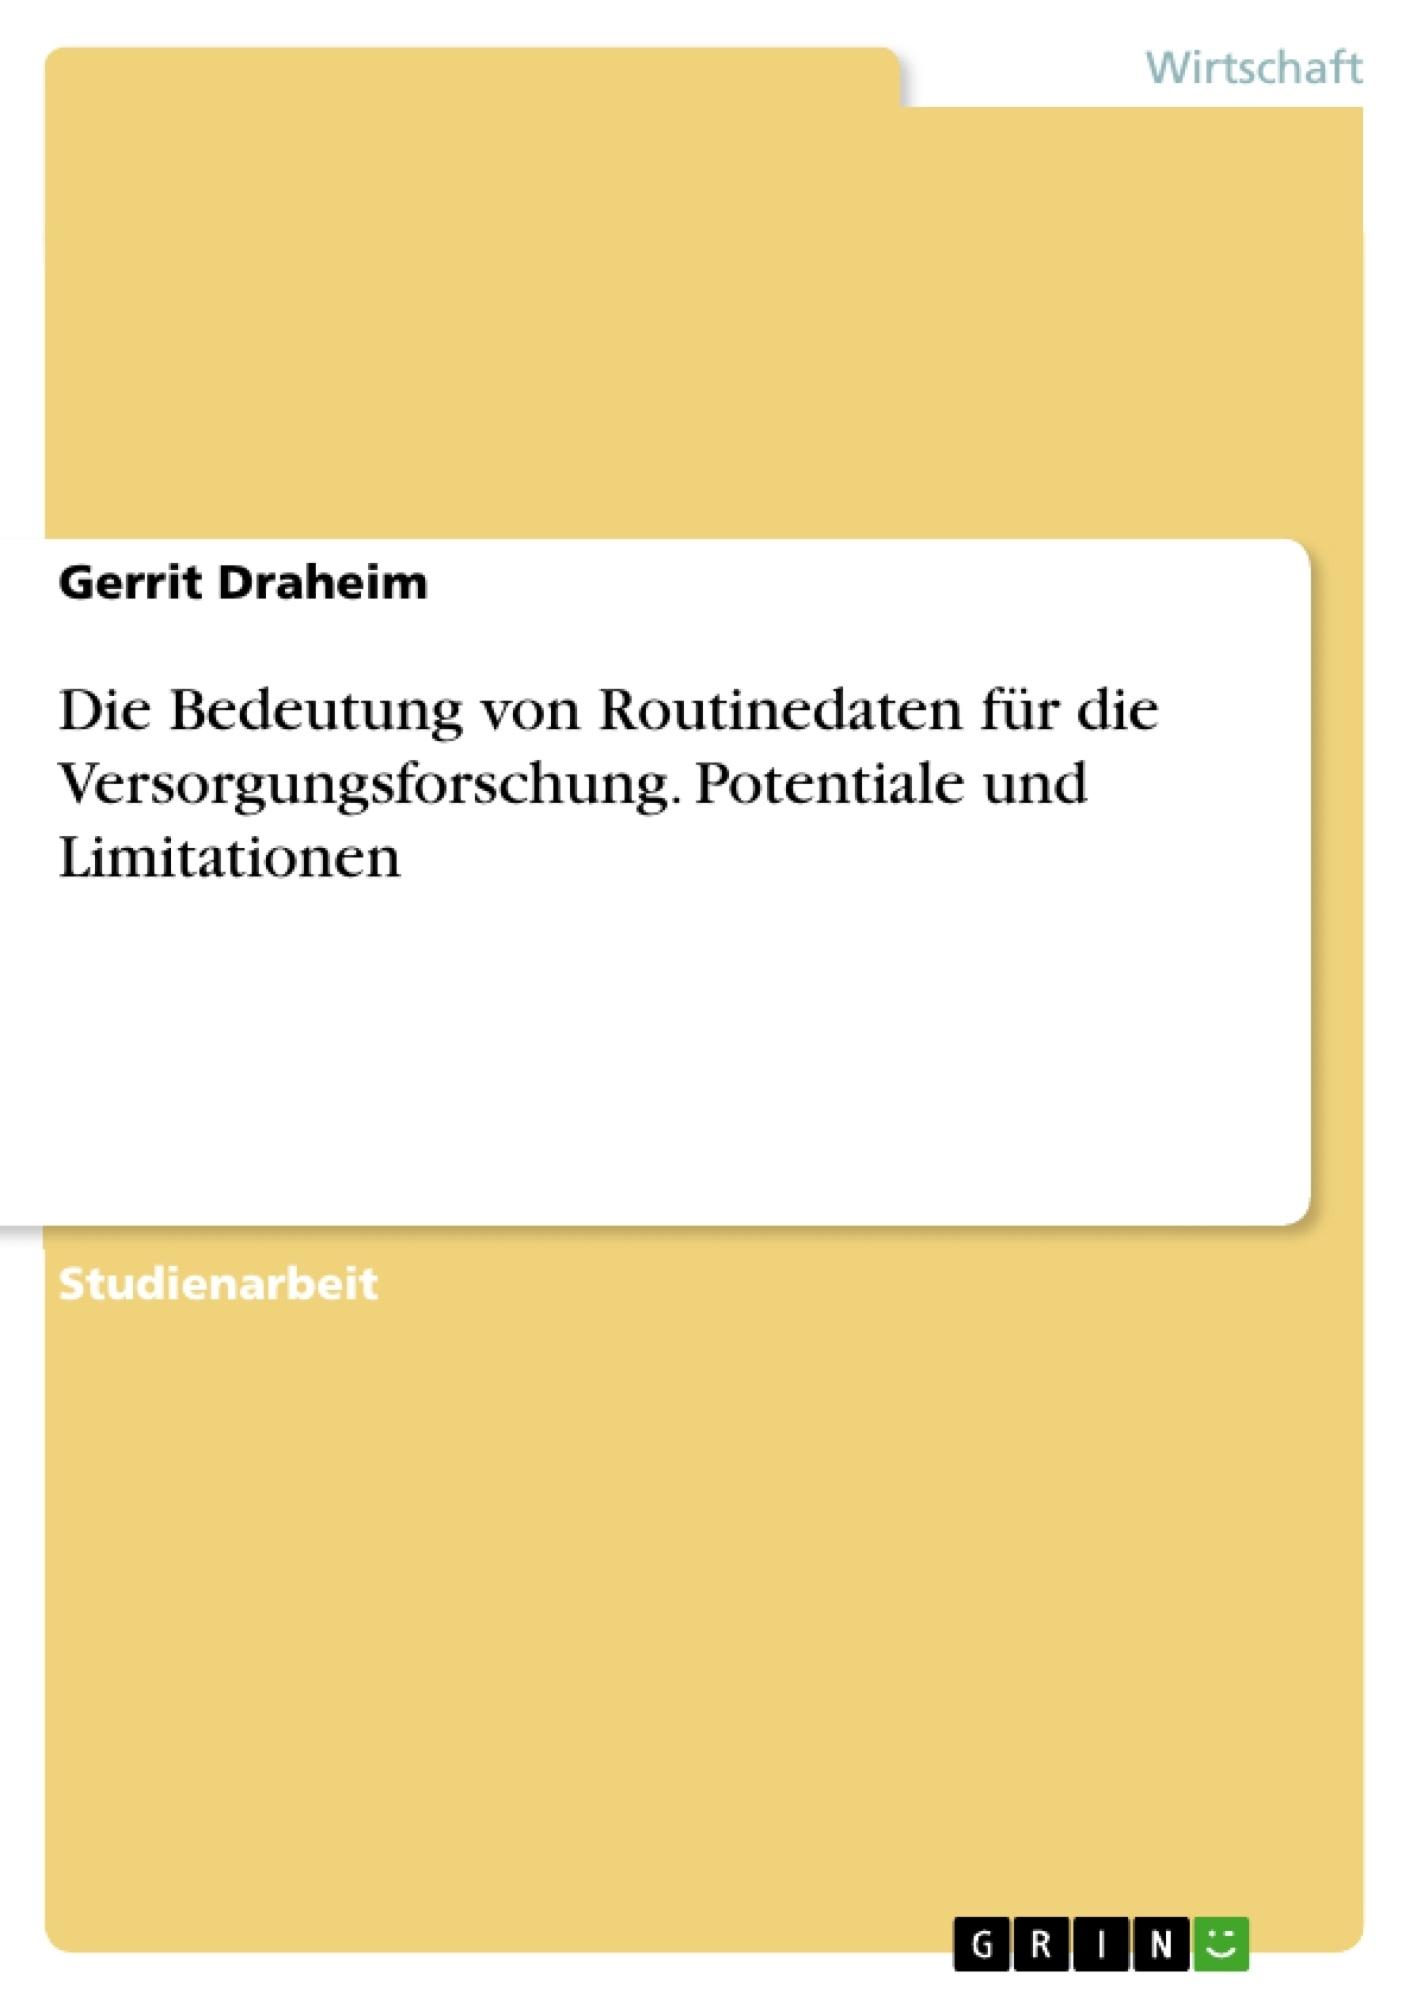 Titel: Die Bedeutung von Routinedaten für die Versorgungsforschung. Potentiale und Limitationen